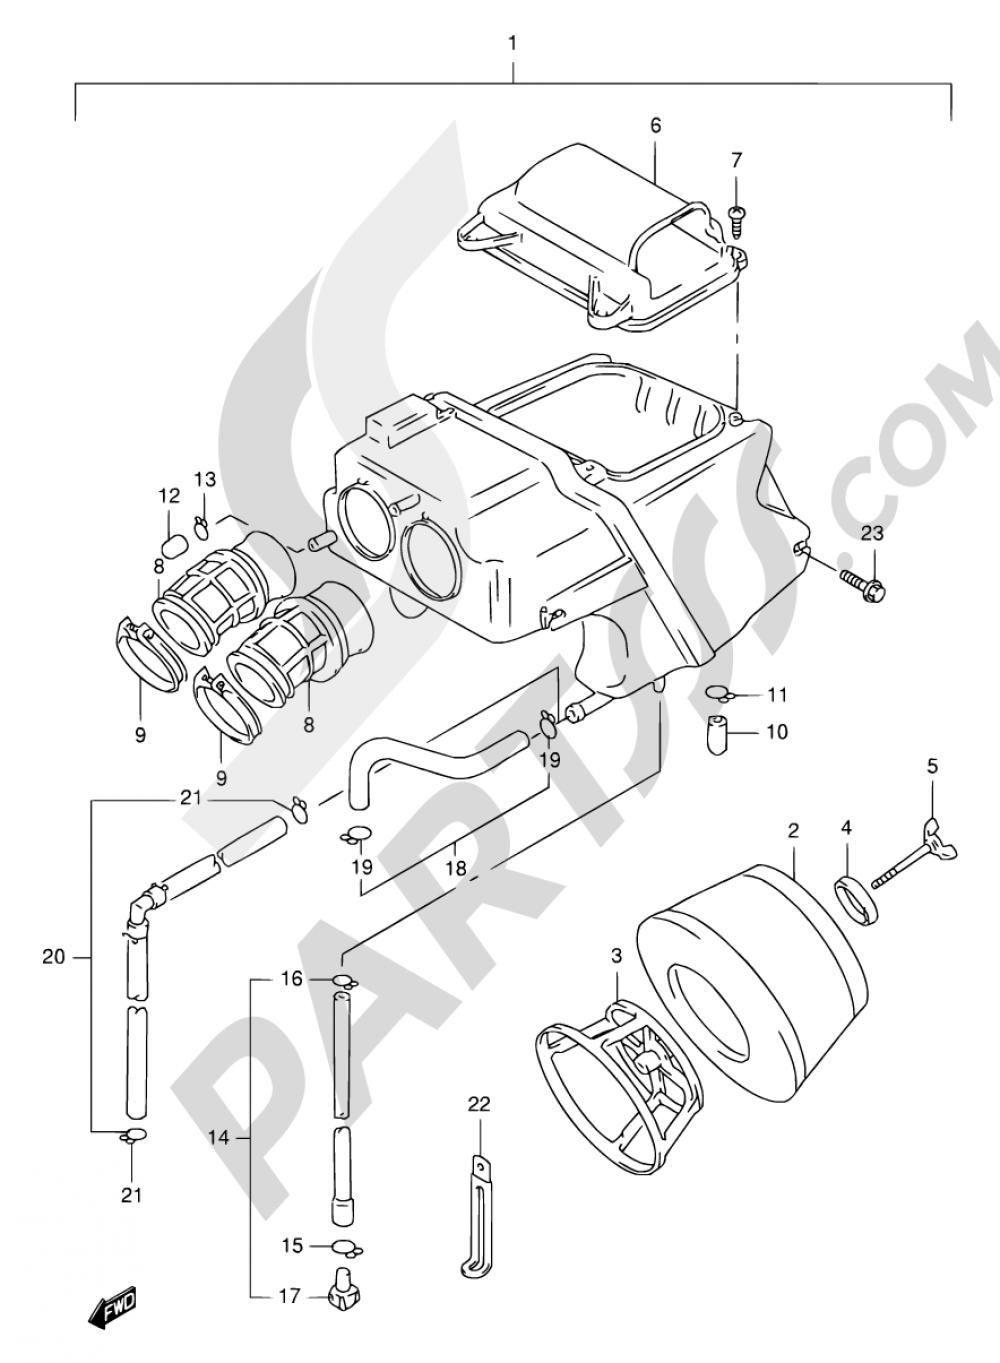 11 - AIR CLEANER Suzuki FREEWIND XF650 1998